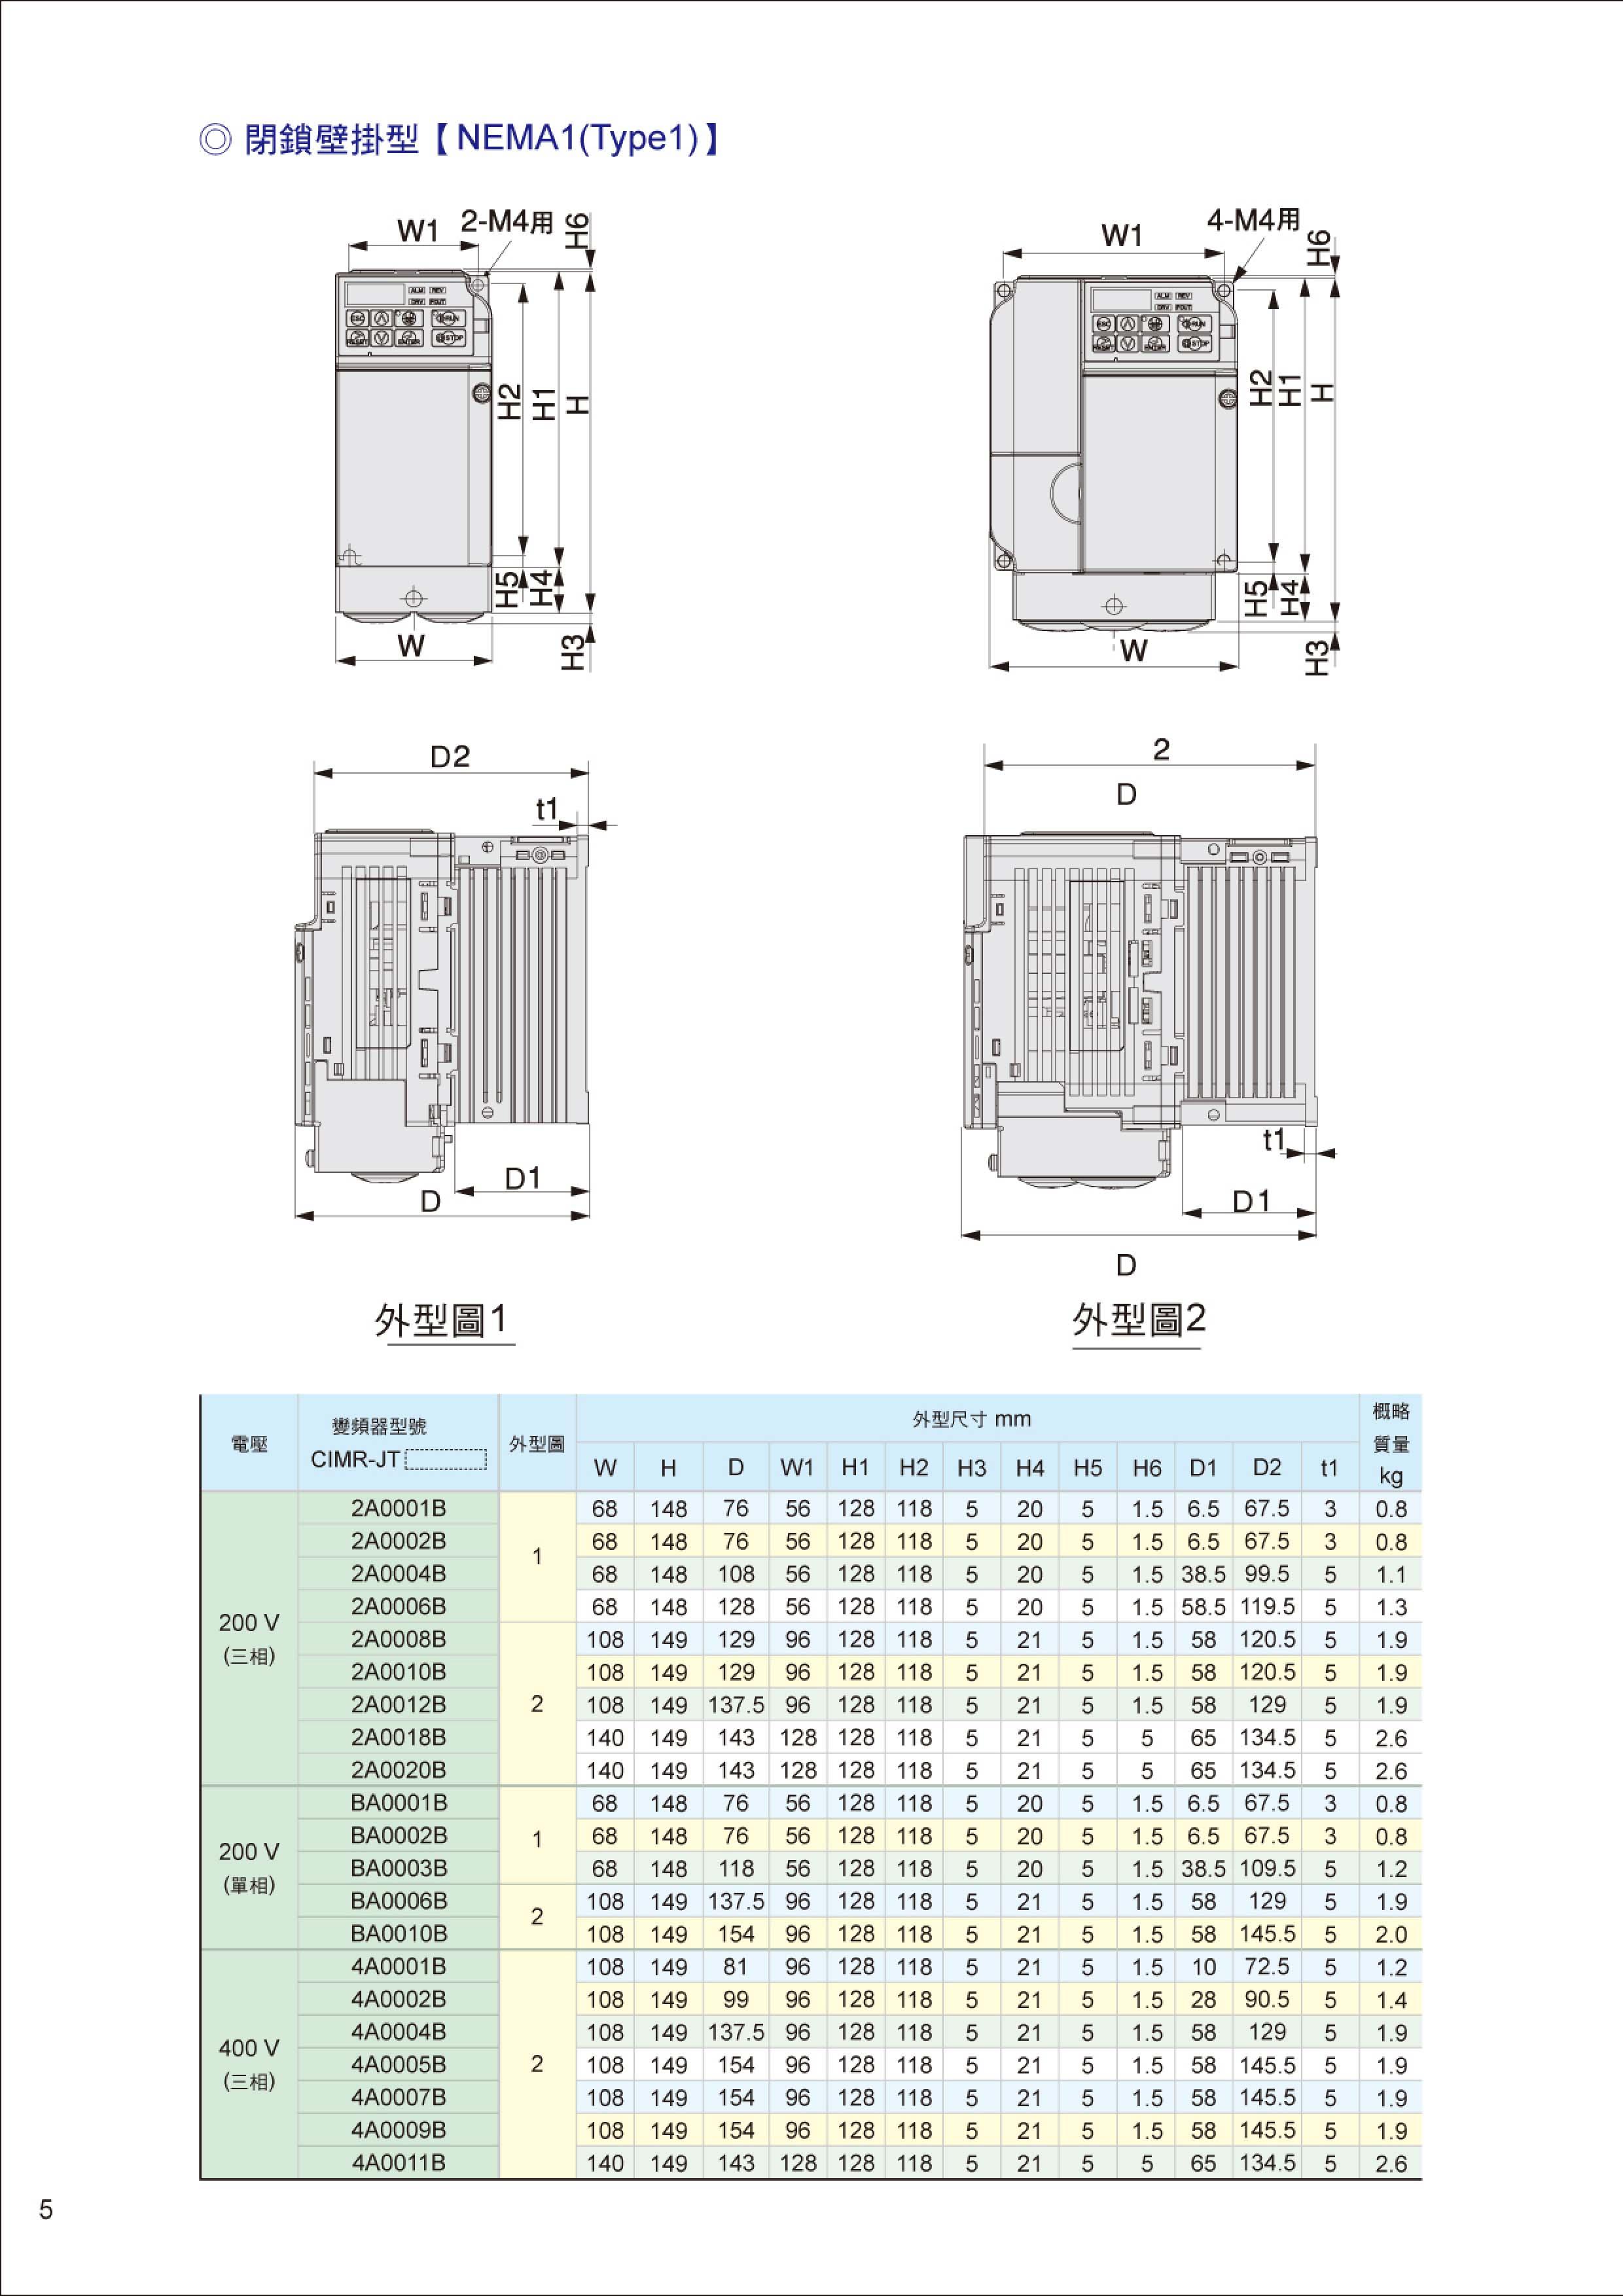 安川變頻器型錄-2012-07-6